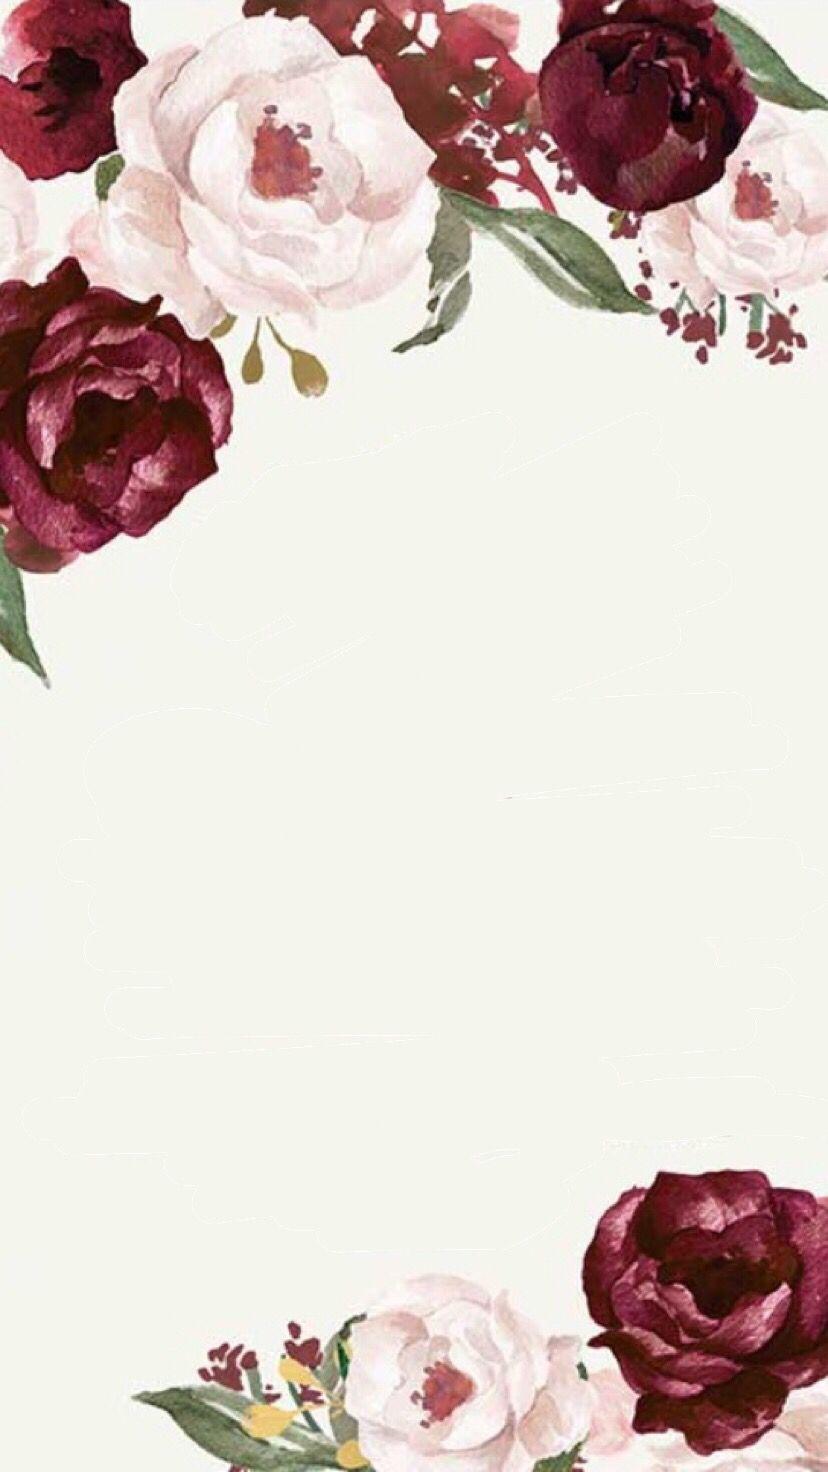 Es Mi Cumpleaños En 2020 Marcos Para Fotos De Boda Invitaciones De Boda Con Flores Ideas De Fondos De Pantalla